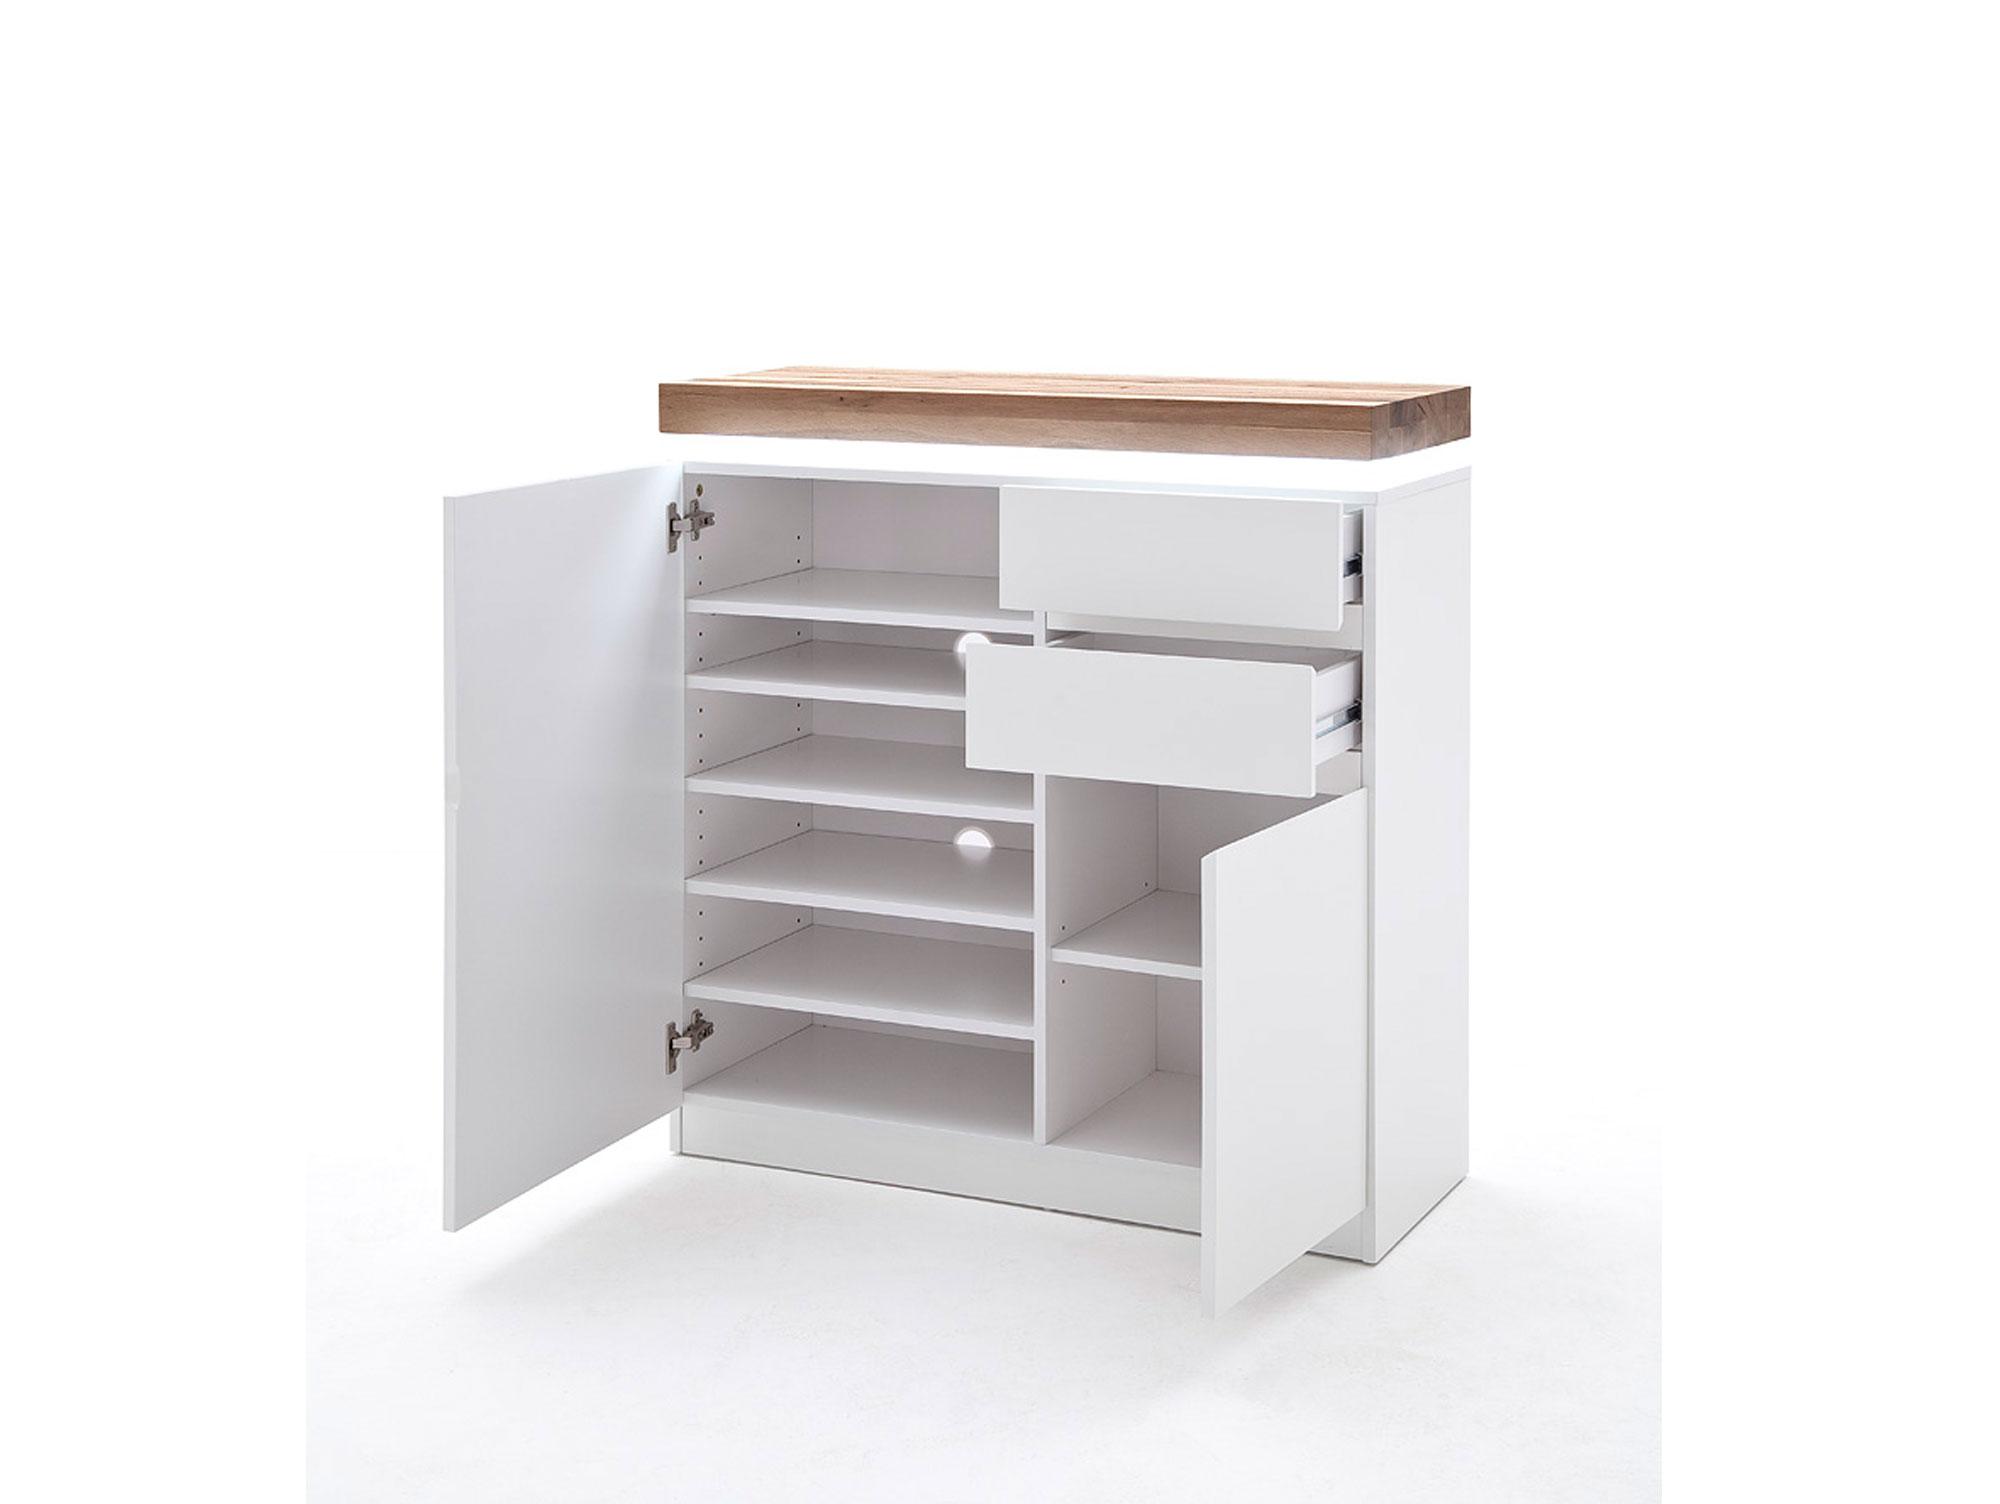 micol schuhschrank wei asteiche. Black Bedroom Furniture Sets. Home Design Ideas